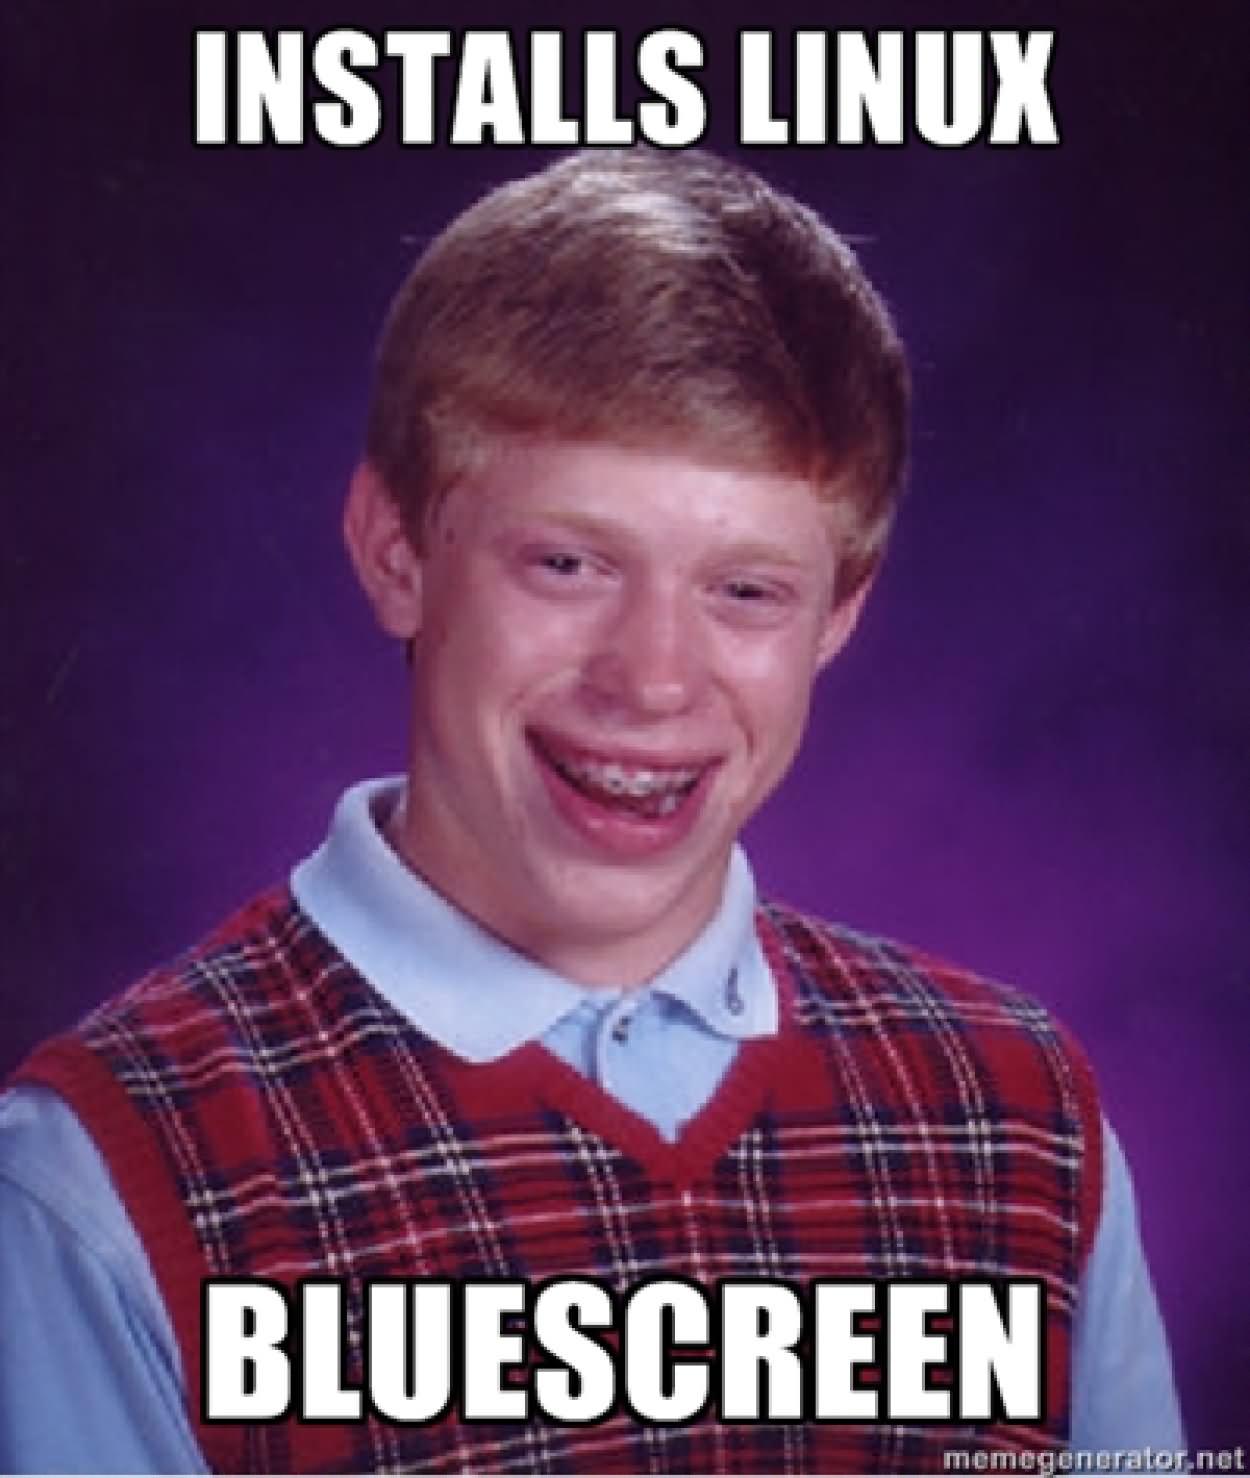 Weird Meme Installs linux bluescreen